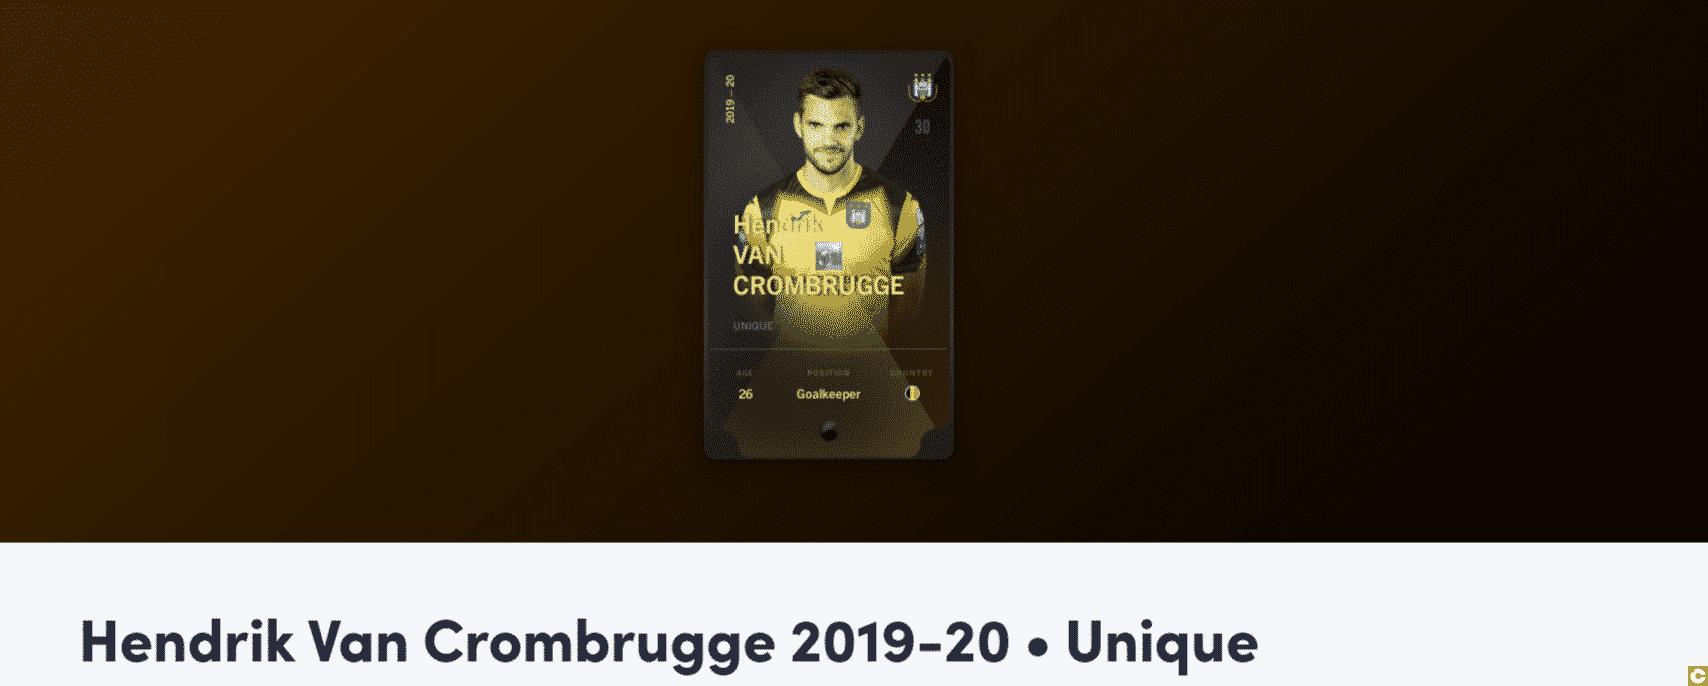 La carte Hendrik Van Crombrugge échangée pour 2000 dollars